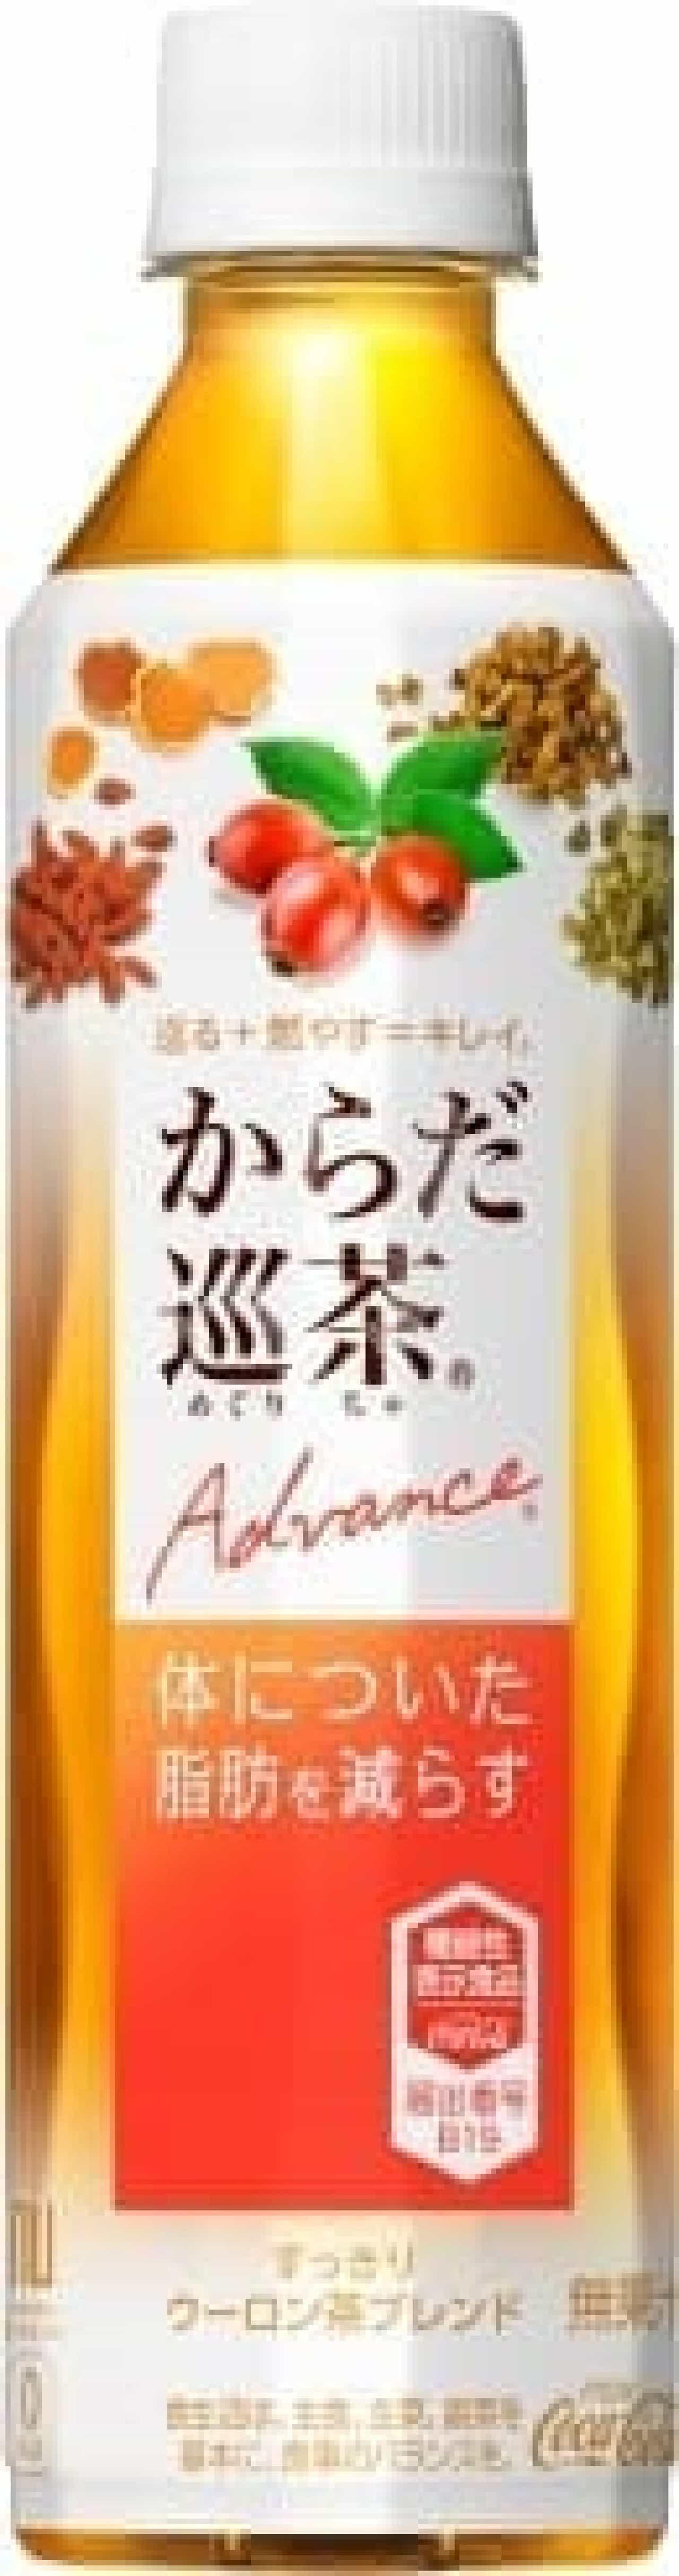 コカ・コーラシステム 機能性表示食品「からだ巡茶 Advance(アドバンス)」